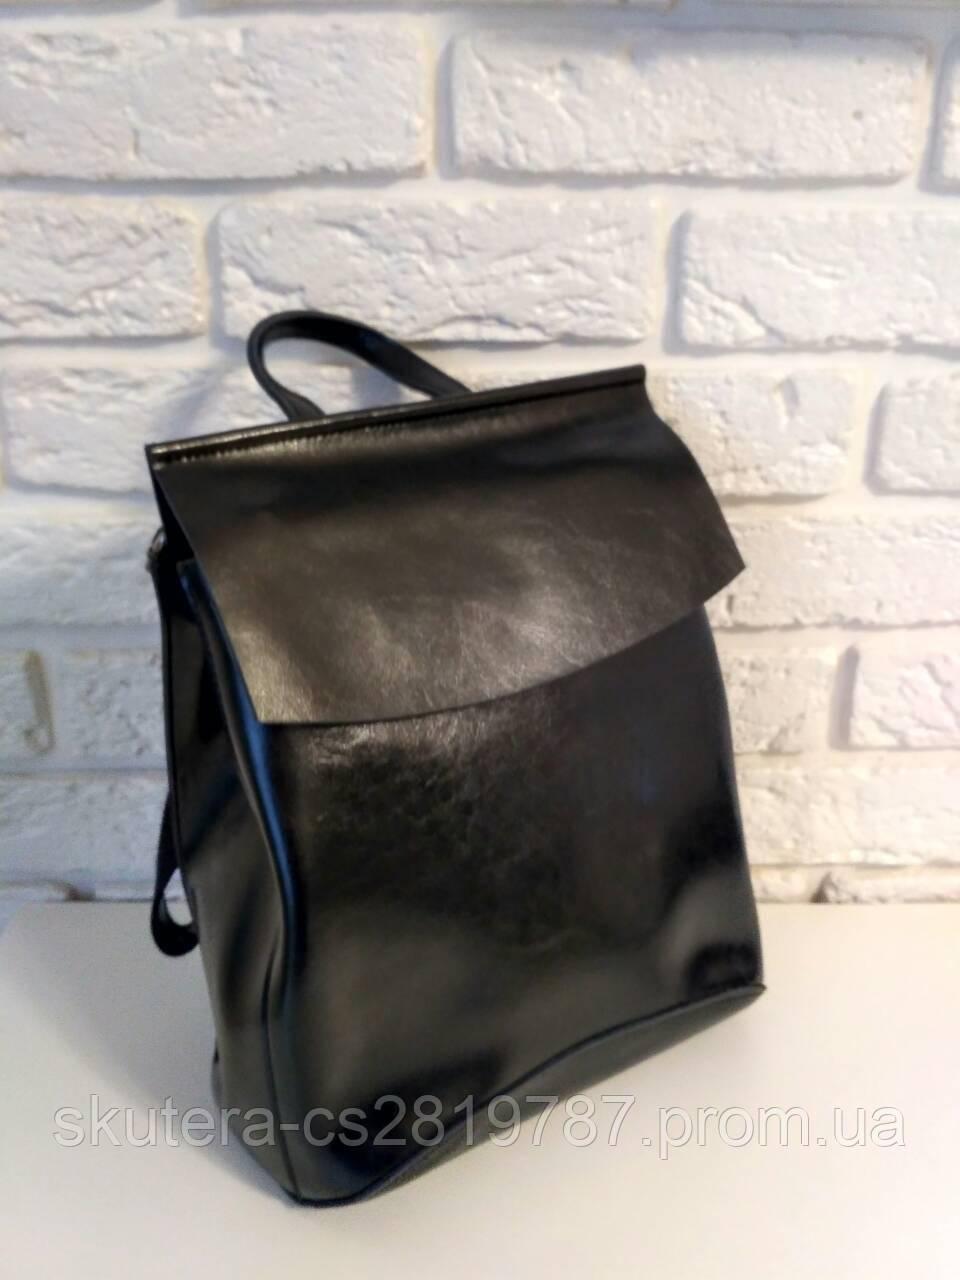 3a7180bafac9 Женский кожаный рюкзак-сумка(трансформер)